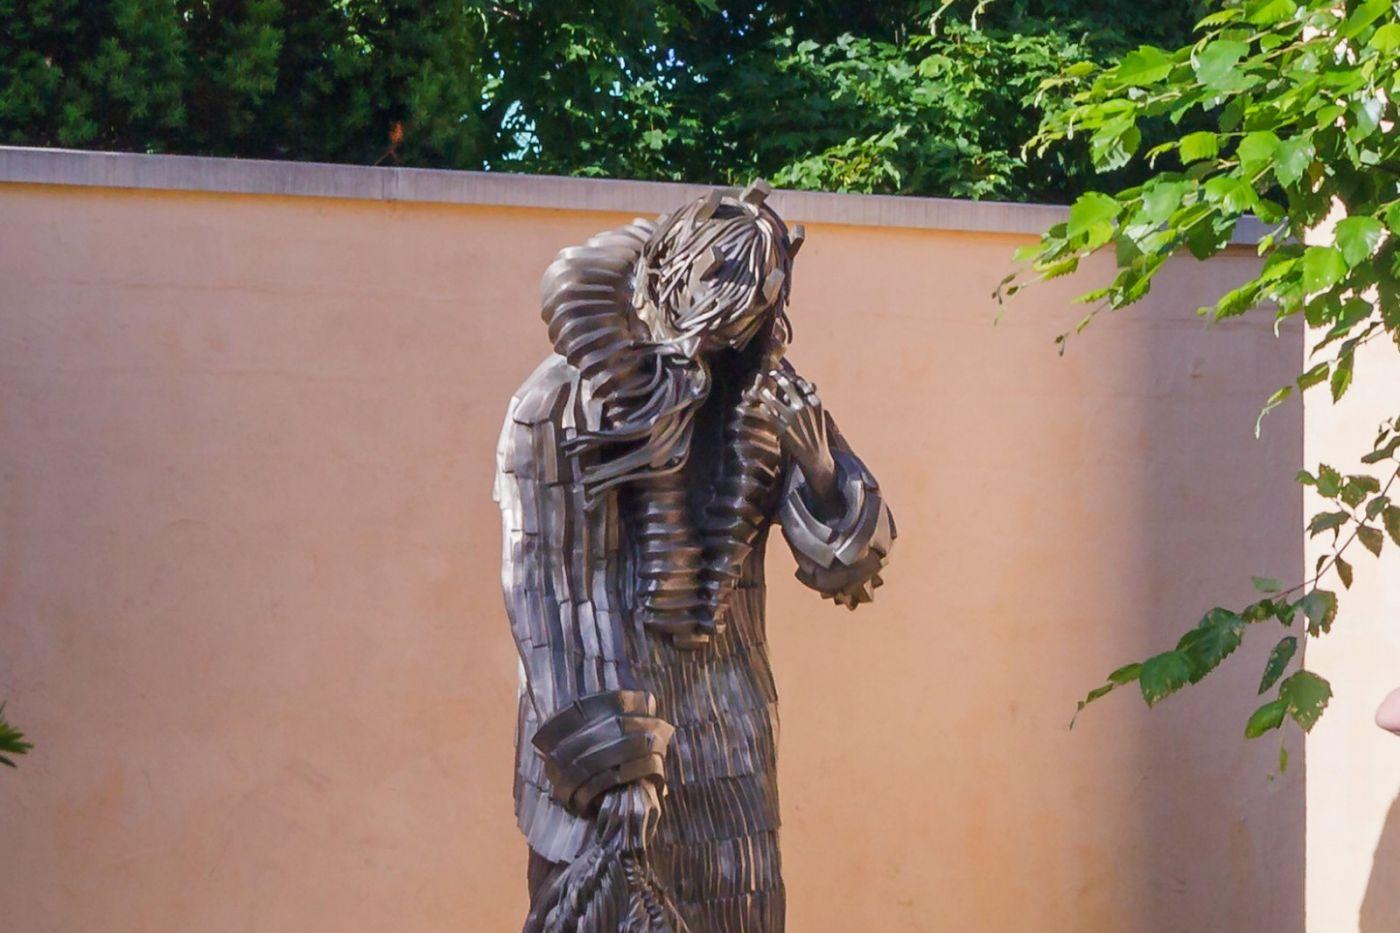 新泽西州雕塑公园(Grounds for scuplture),题材很广_图1-33